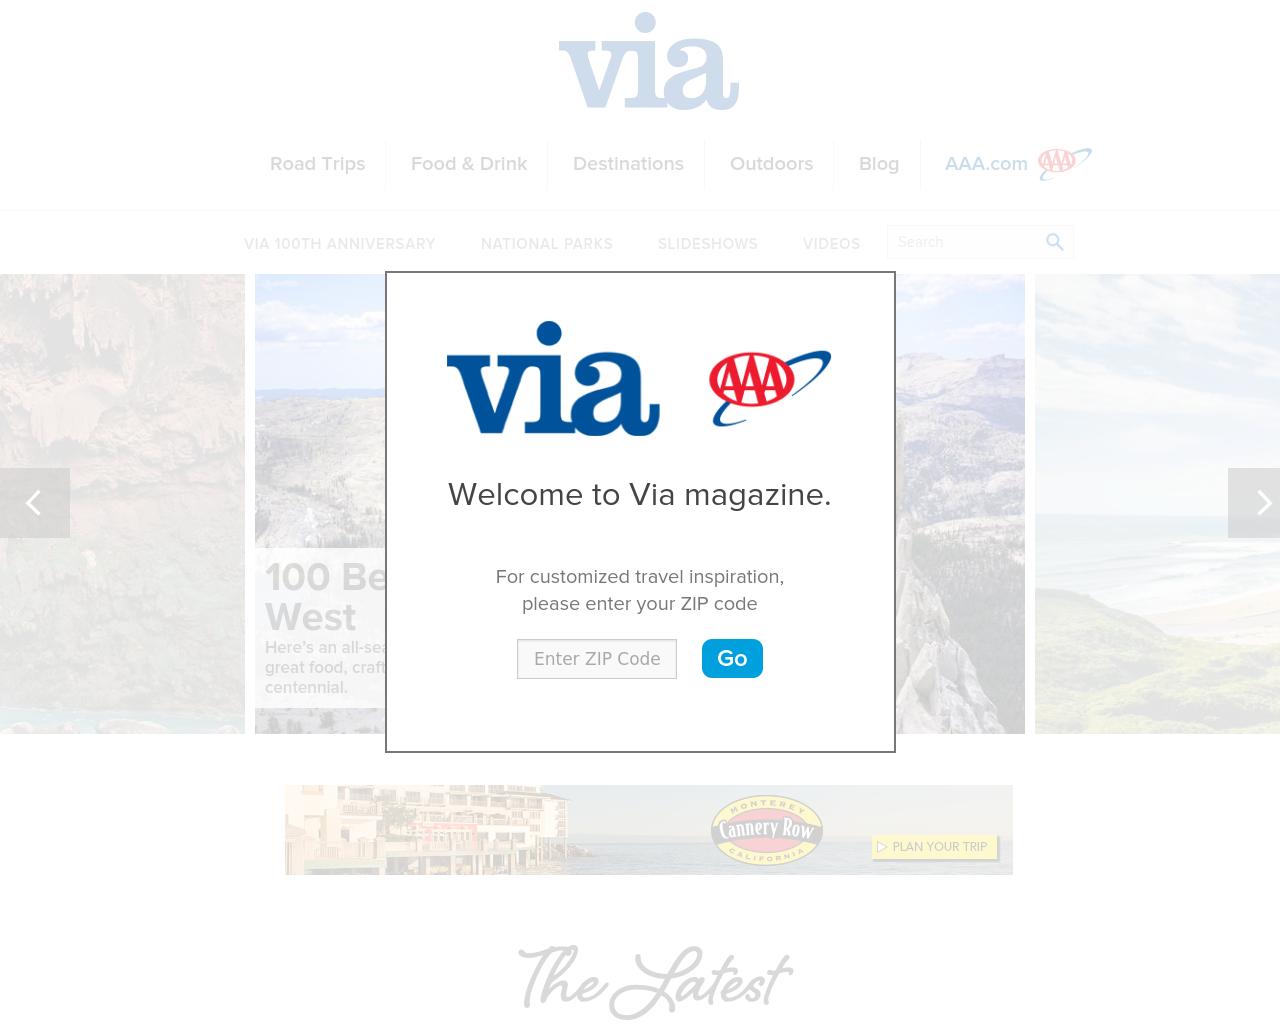 VIA-Magazine-Advertising-Reviews-Pricing